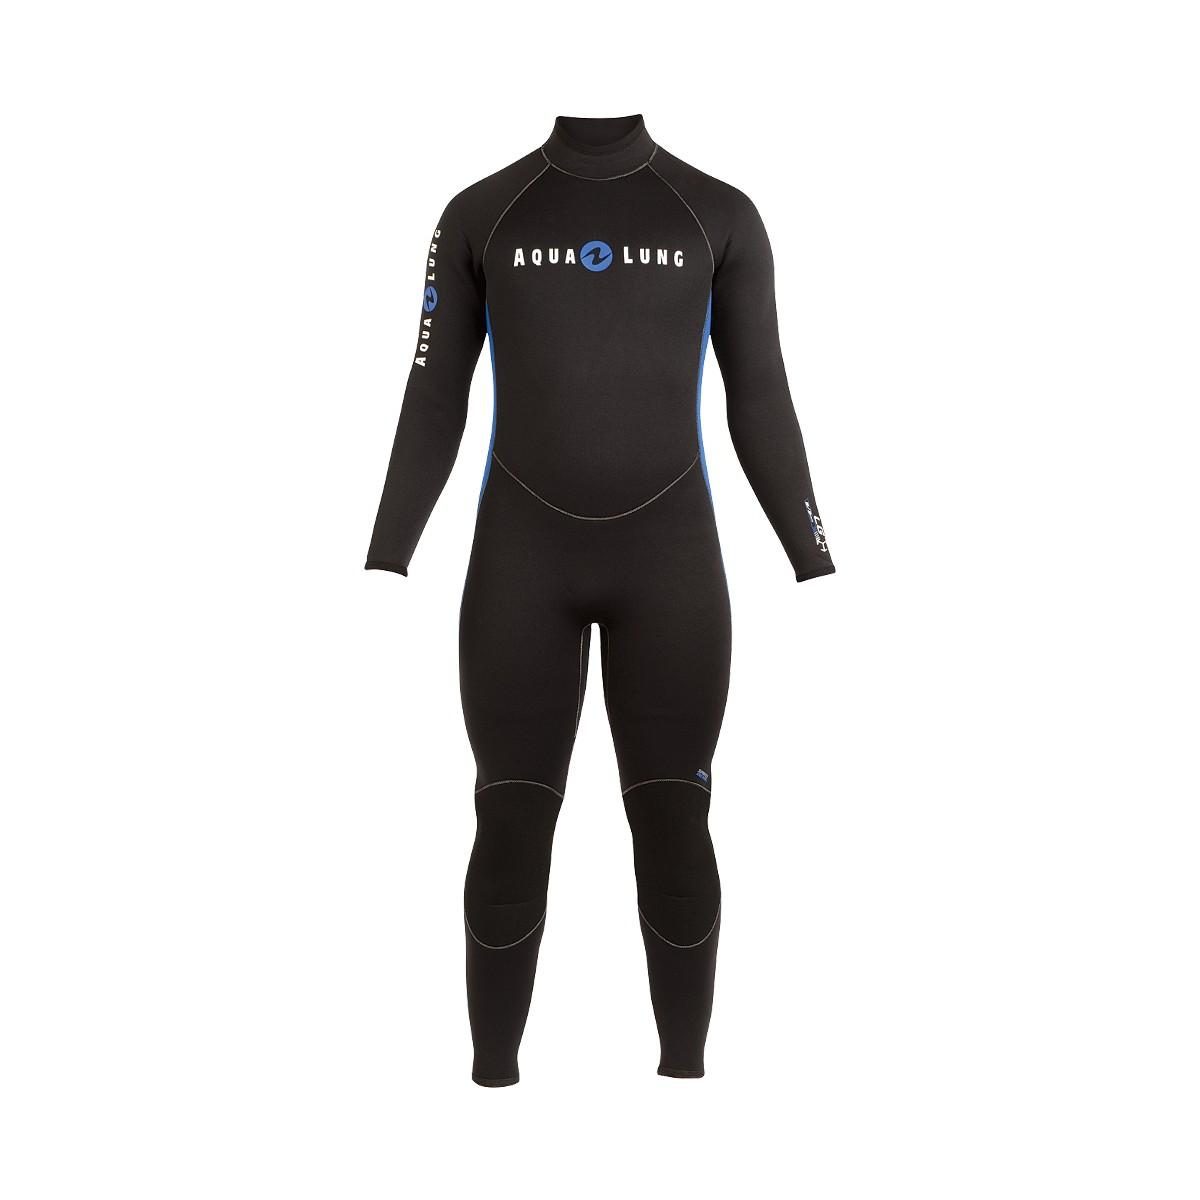 Aqua Lung Men's 5/3mm Rental Fullsuit